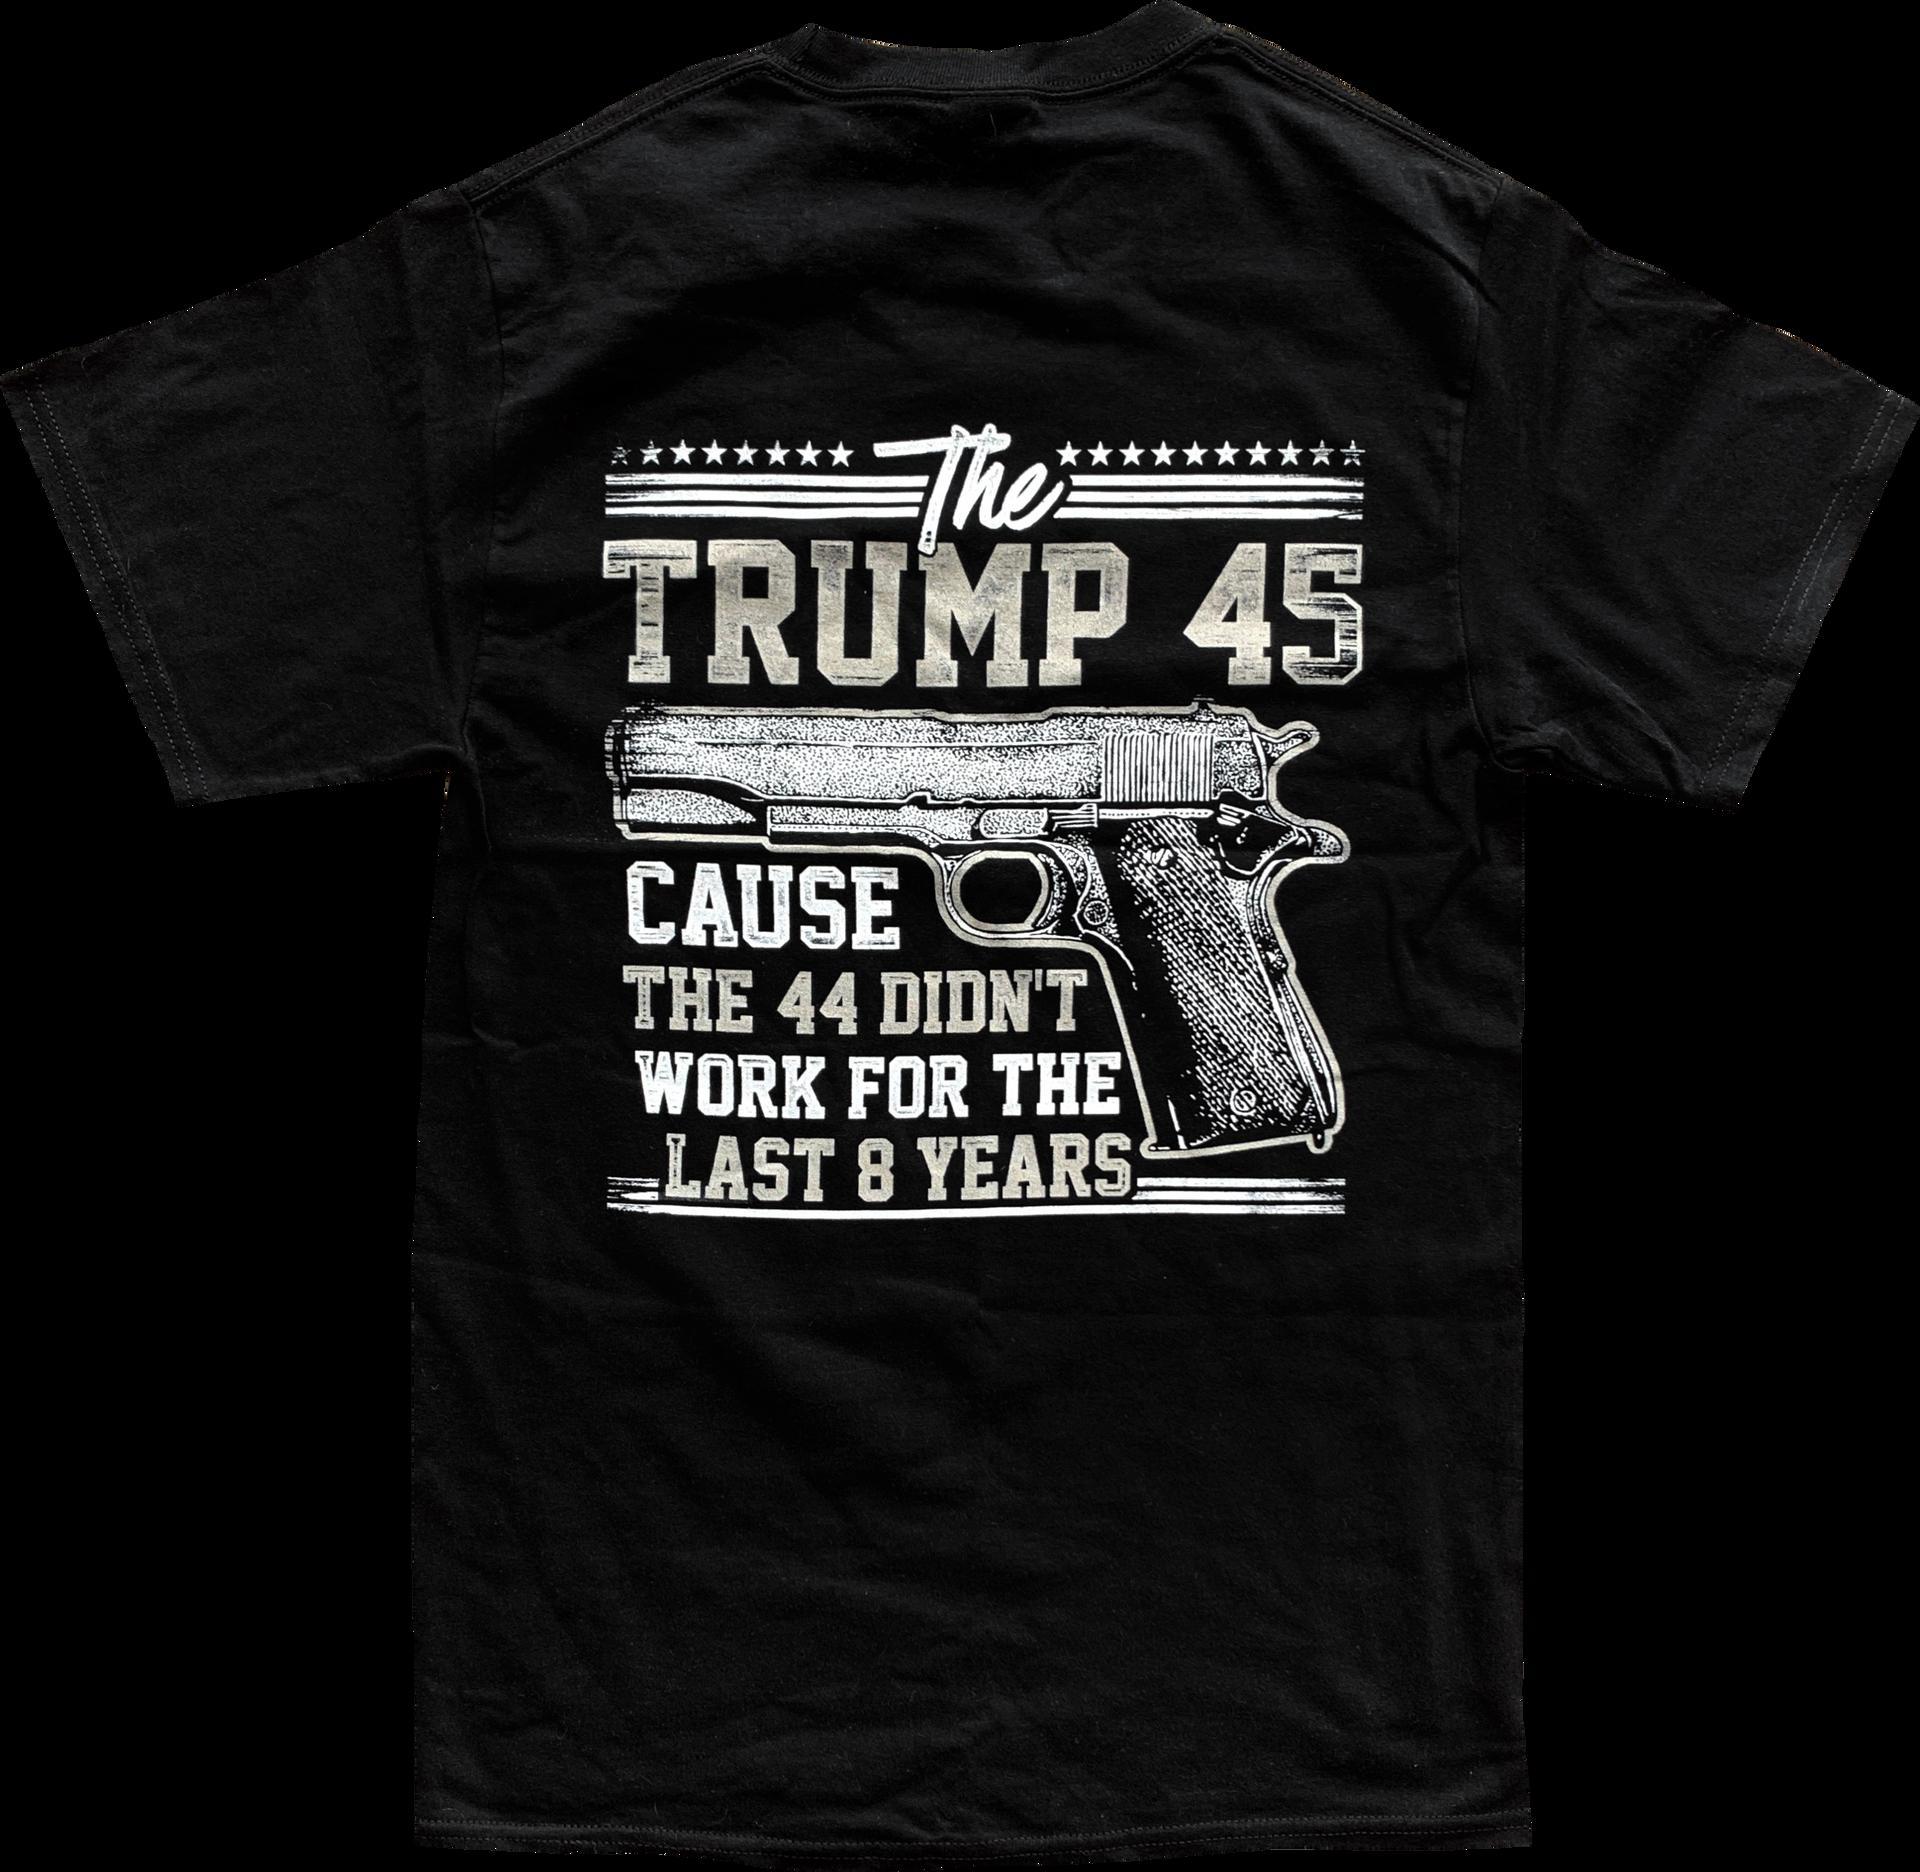 The Trump 45